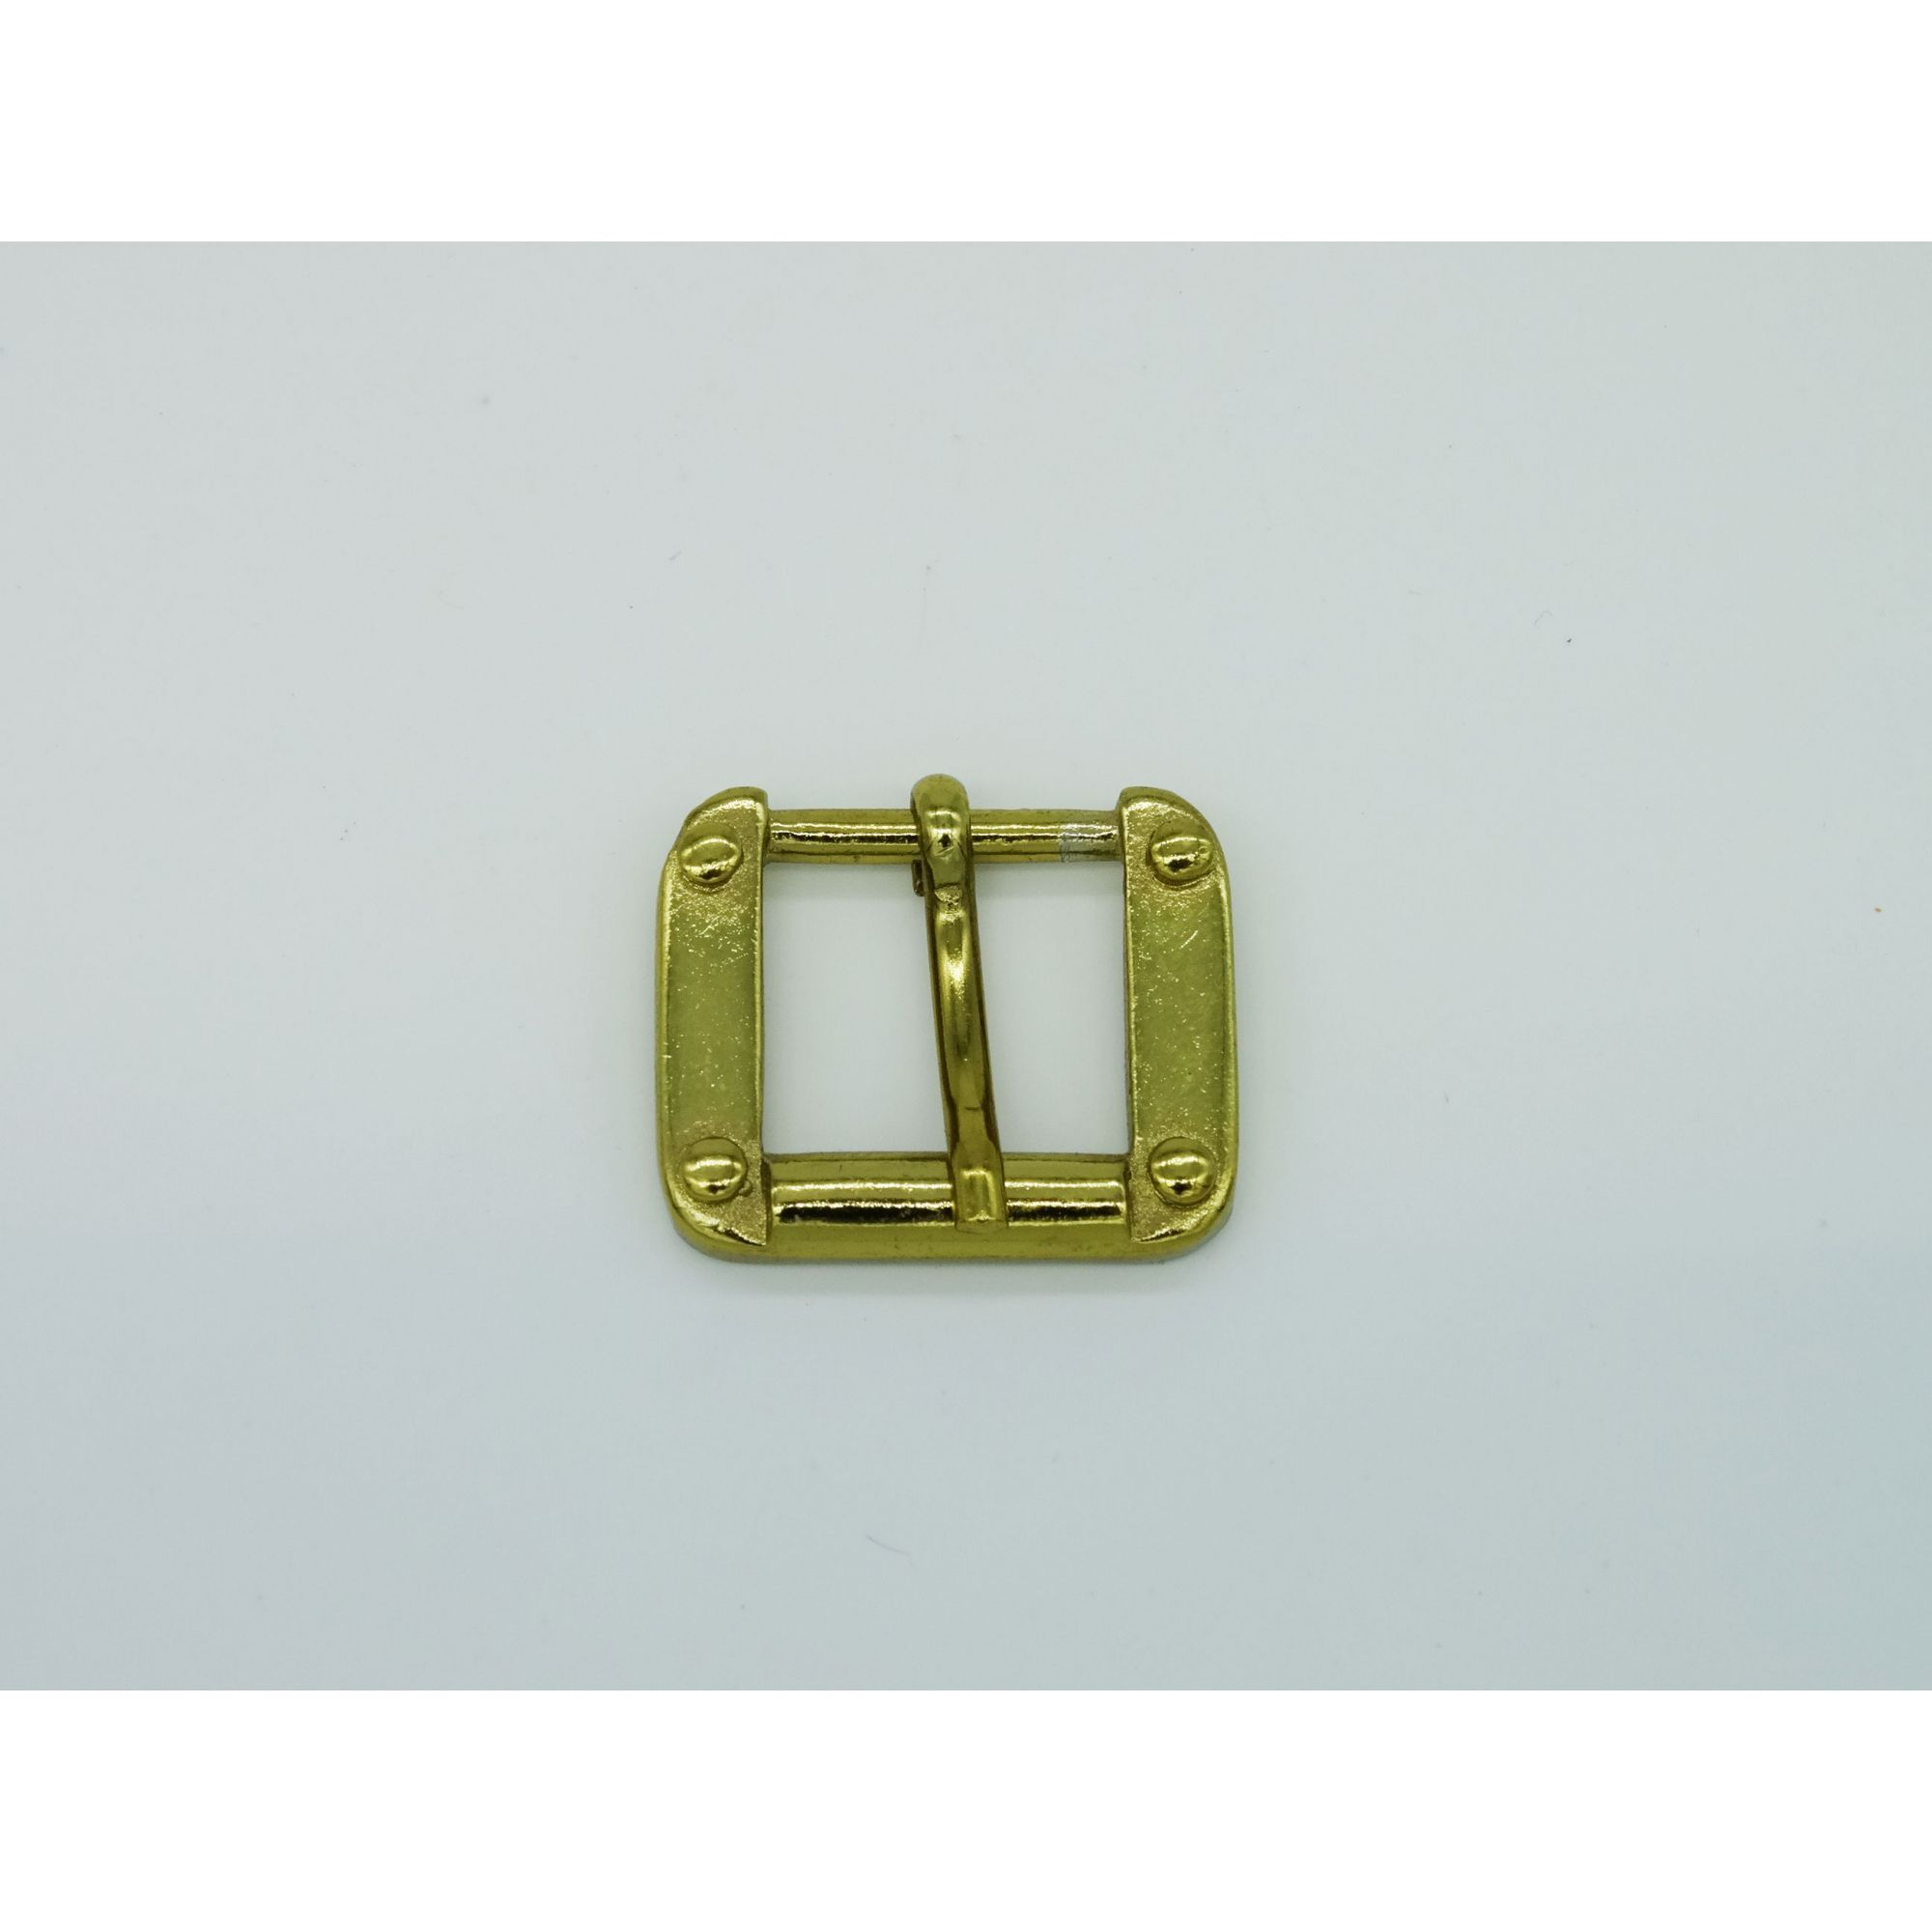 RG0324-20 | FIVELA GOLD | PCT COM 200 PCS